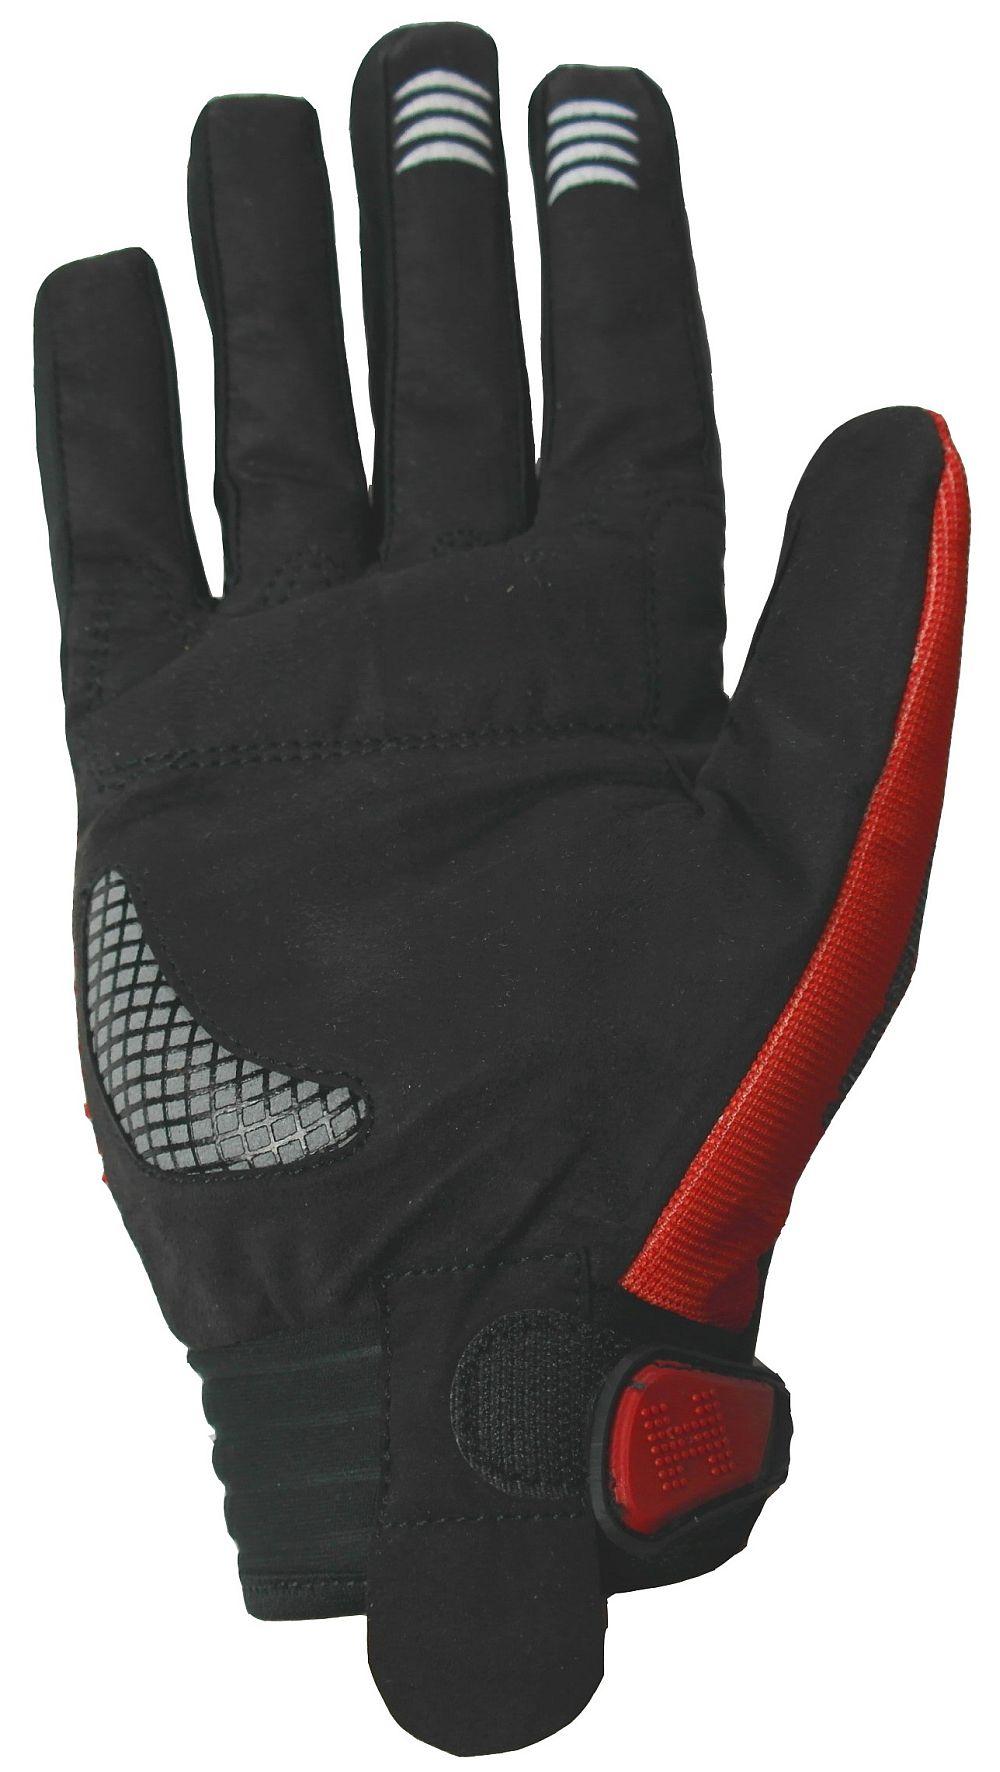 Heyberry Motocross Enduro MX Handschuhe schwarz rot weiß Gr. M - XXL